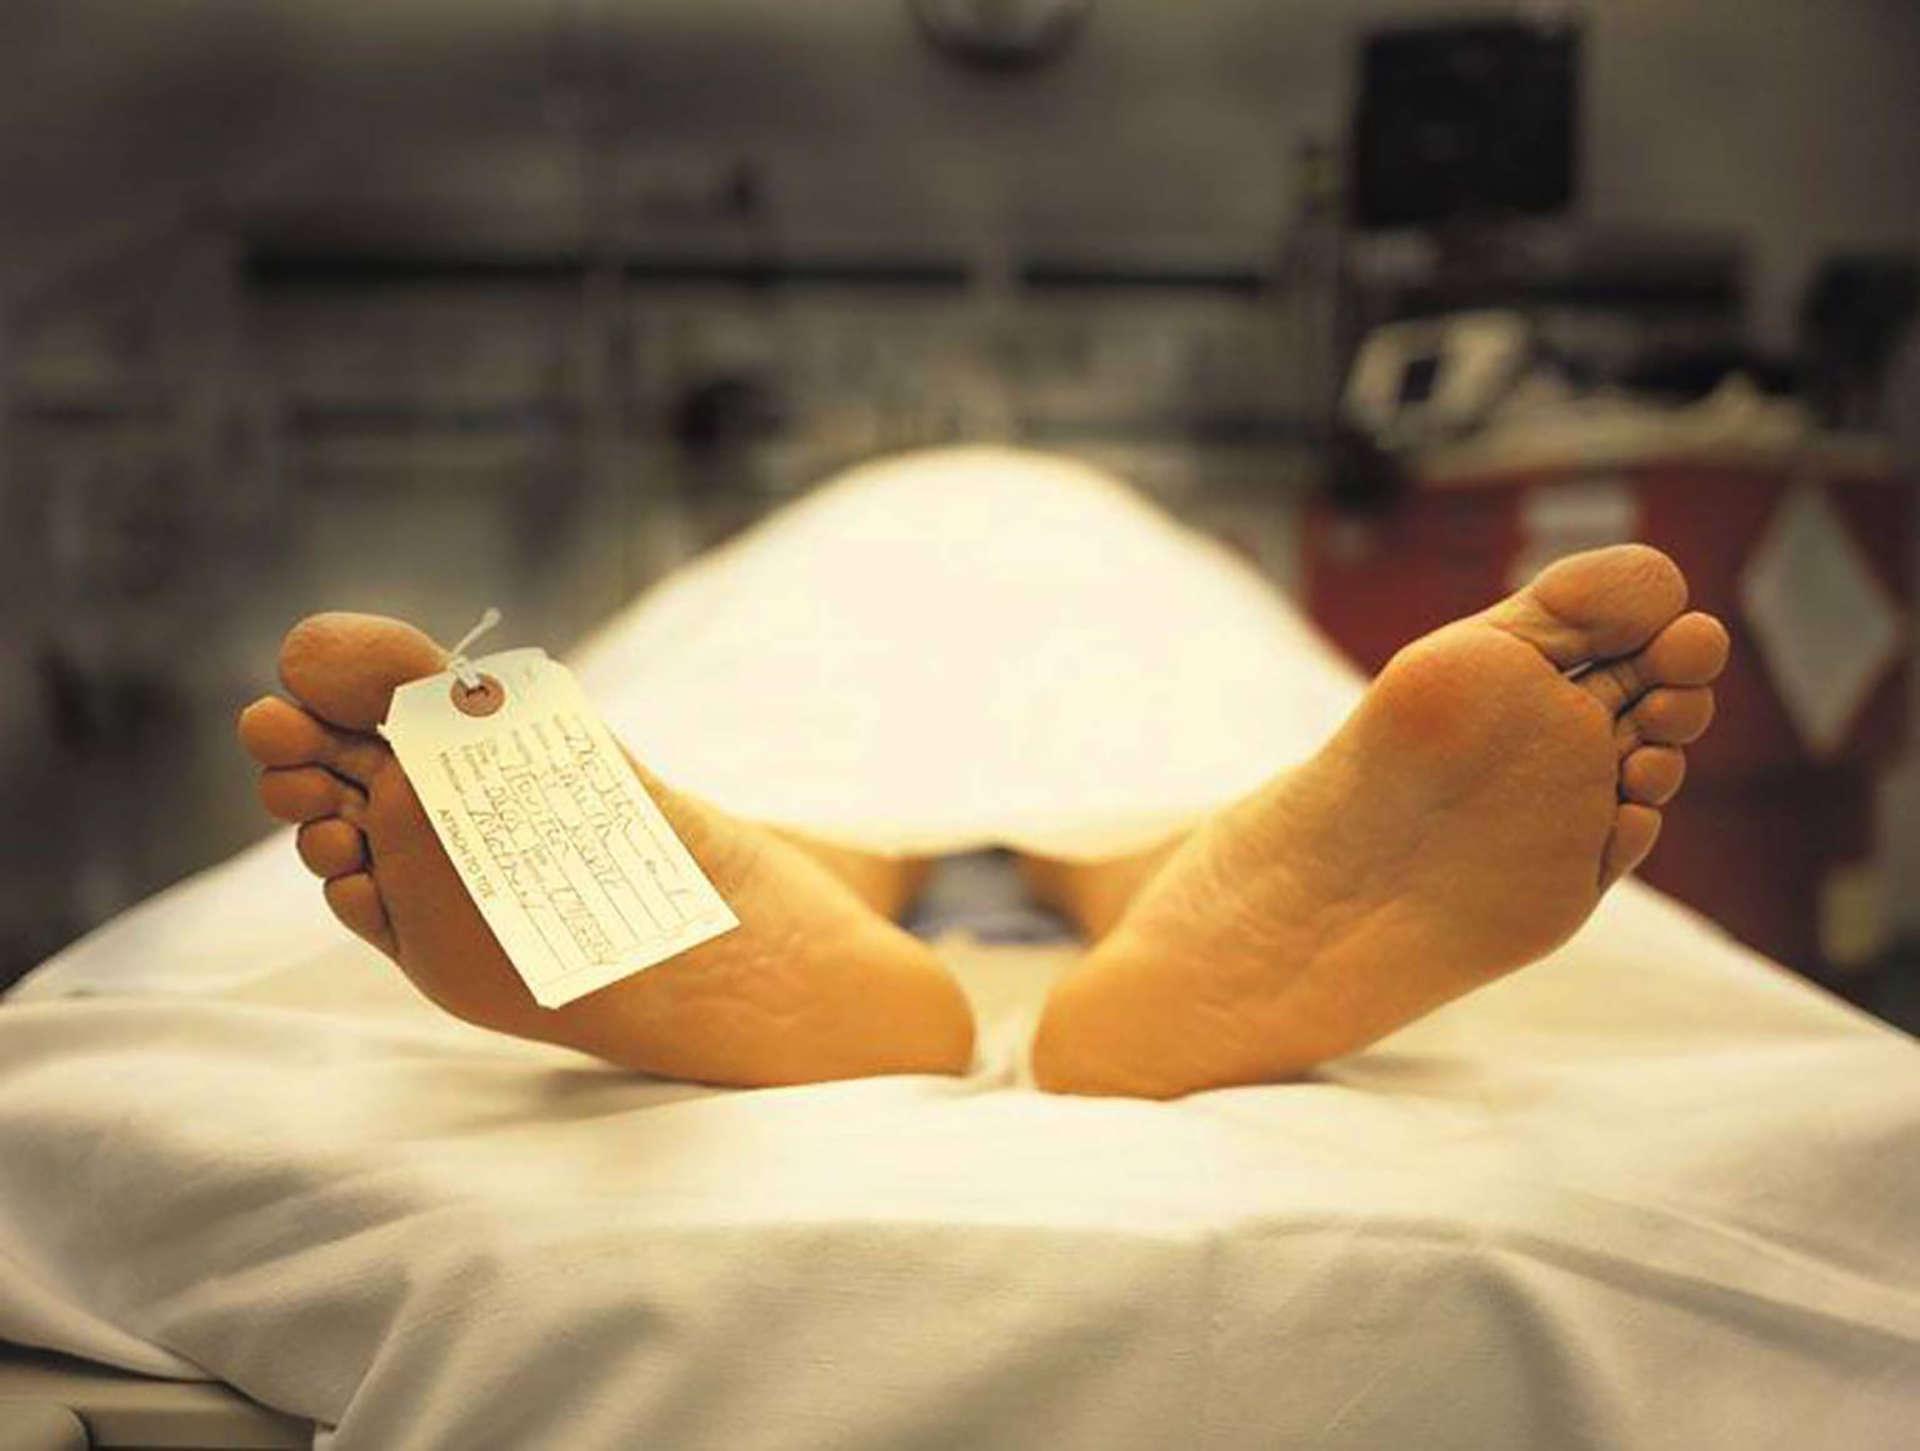 УЖАС! Труп лежал под больницей, отравляя людям жизнь